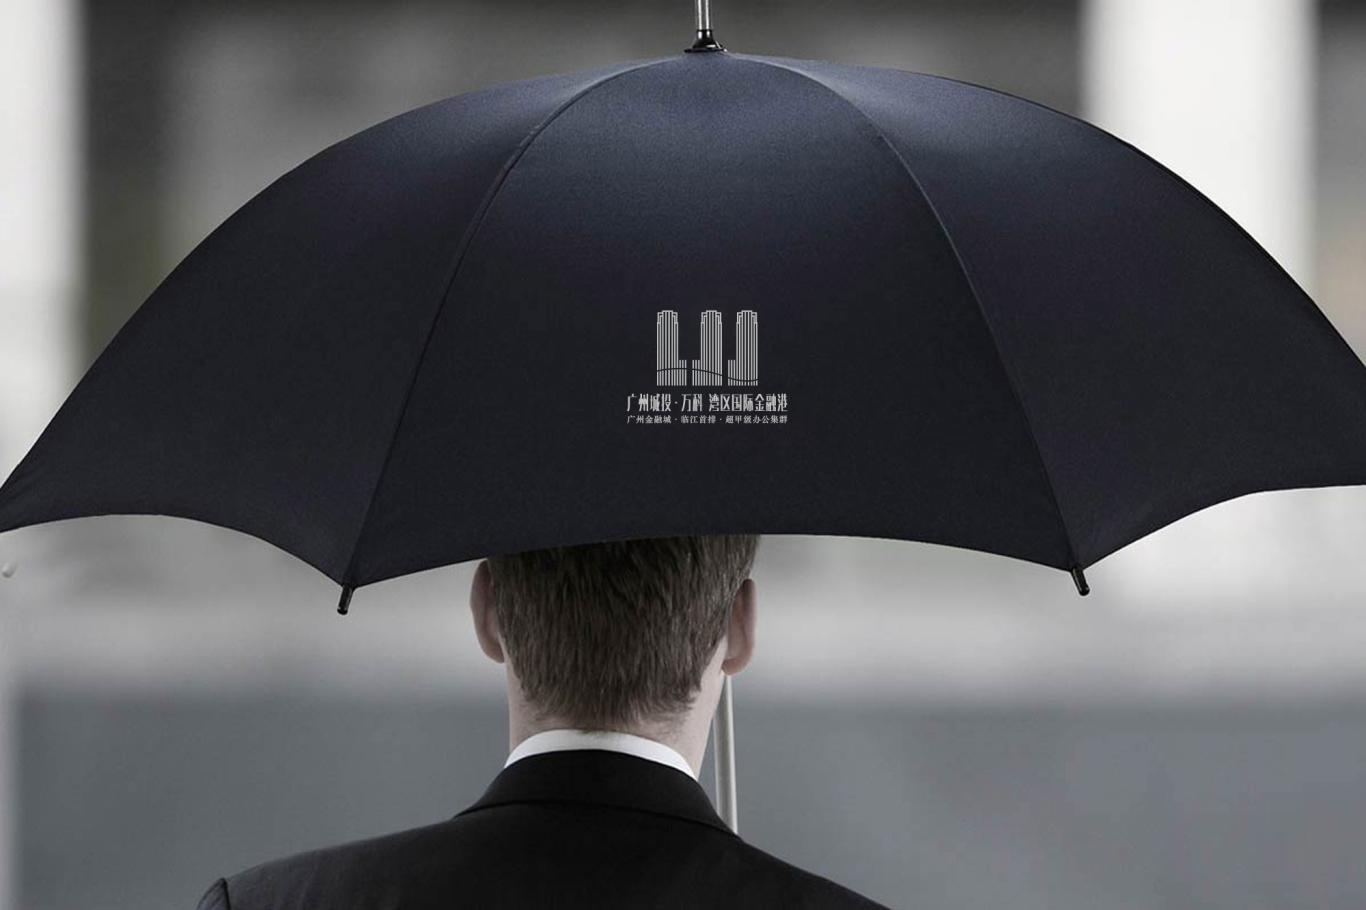 广州城投·万科 湾区国际经融港/品牌包装 VI视觉识别系统设计 地产logo设计图8